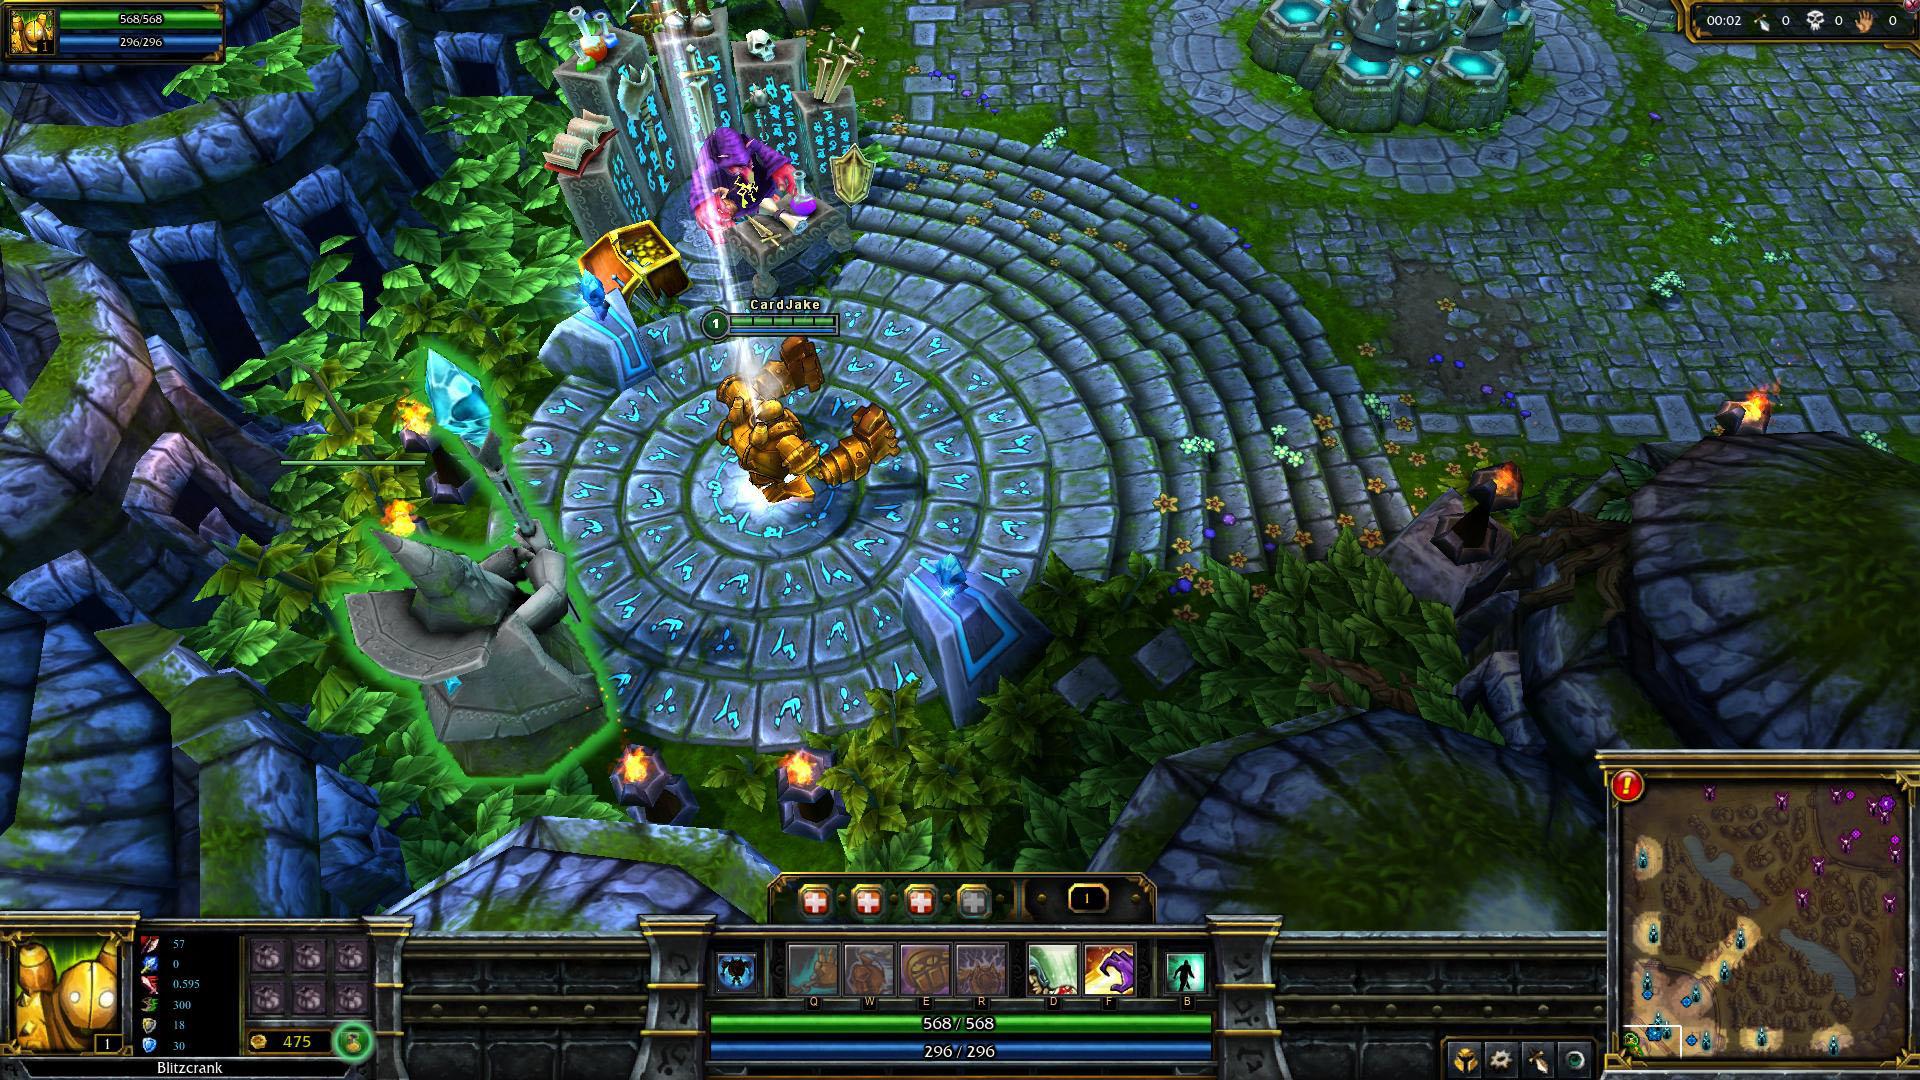 Todos Los Juegos 337 Juegos Jugar Juegos Gratis Online | Rachael ...